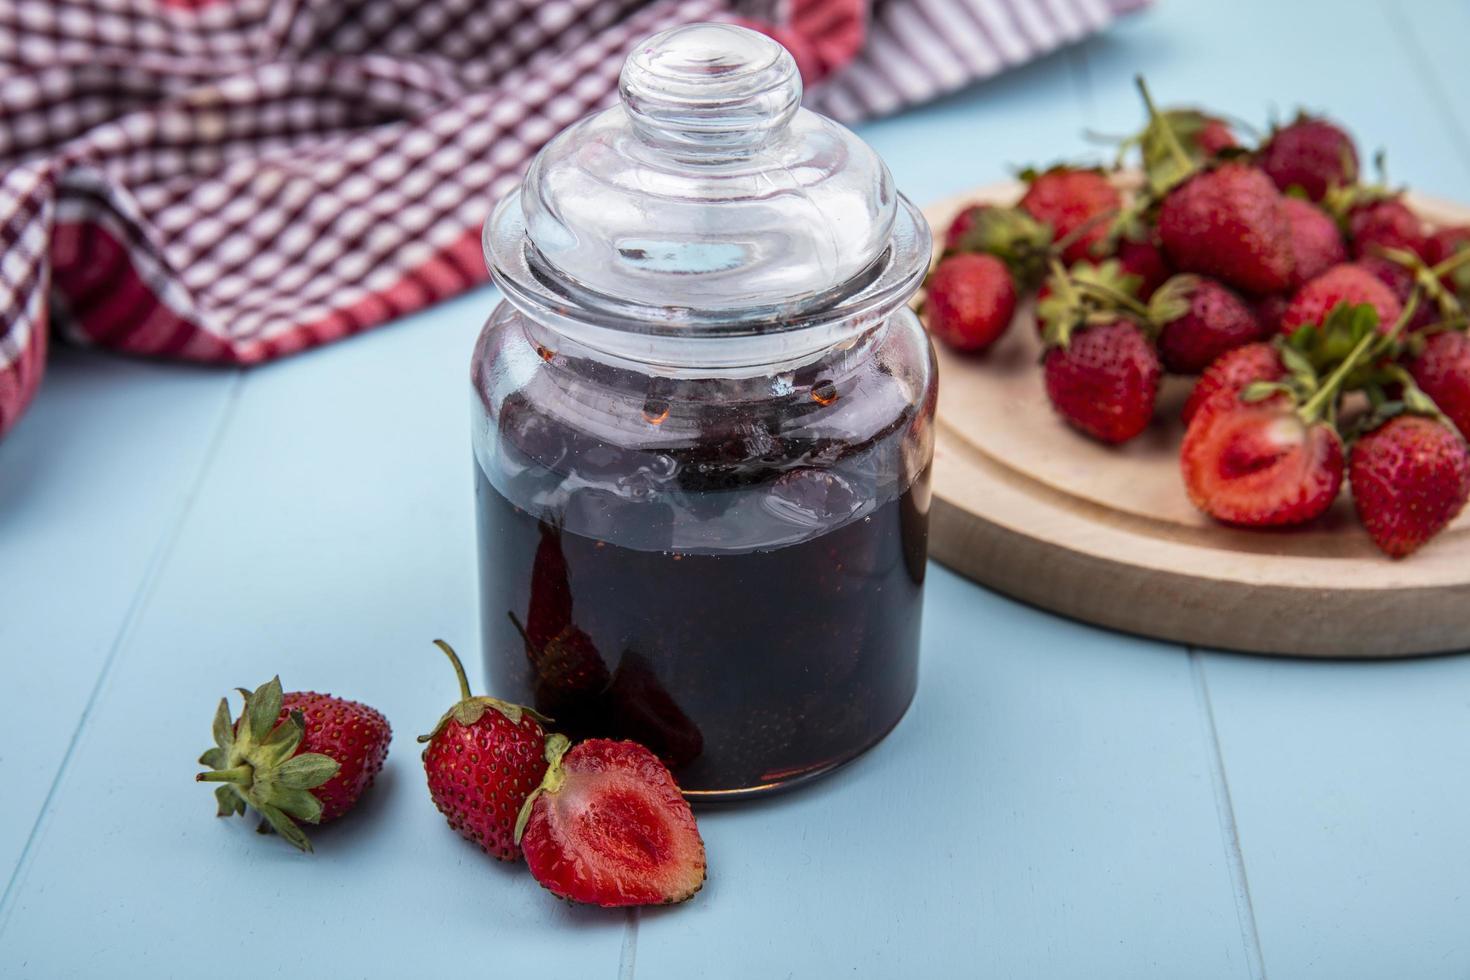 fraises et confiture sur fond bleu photo